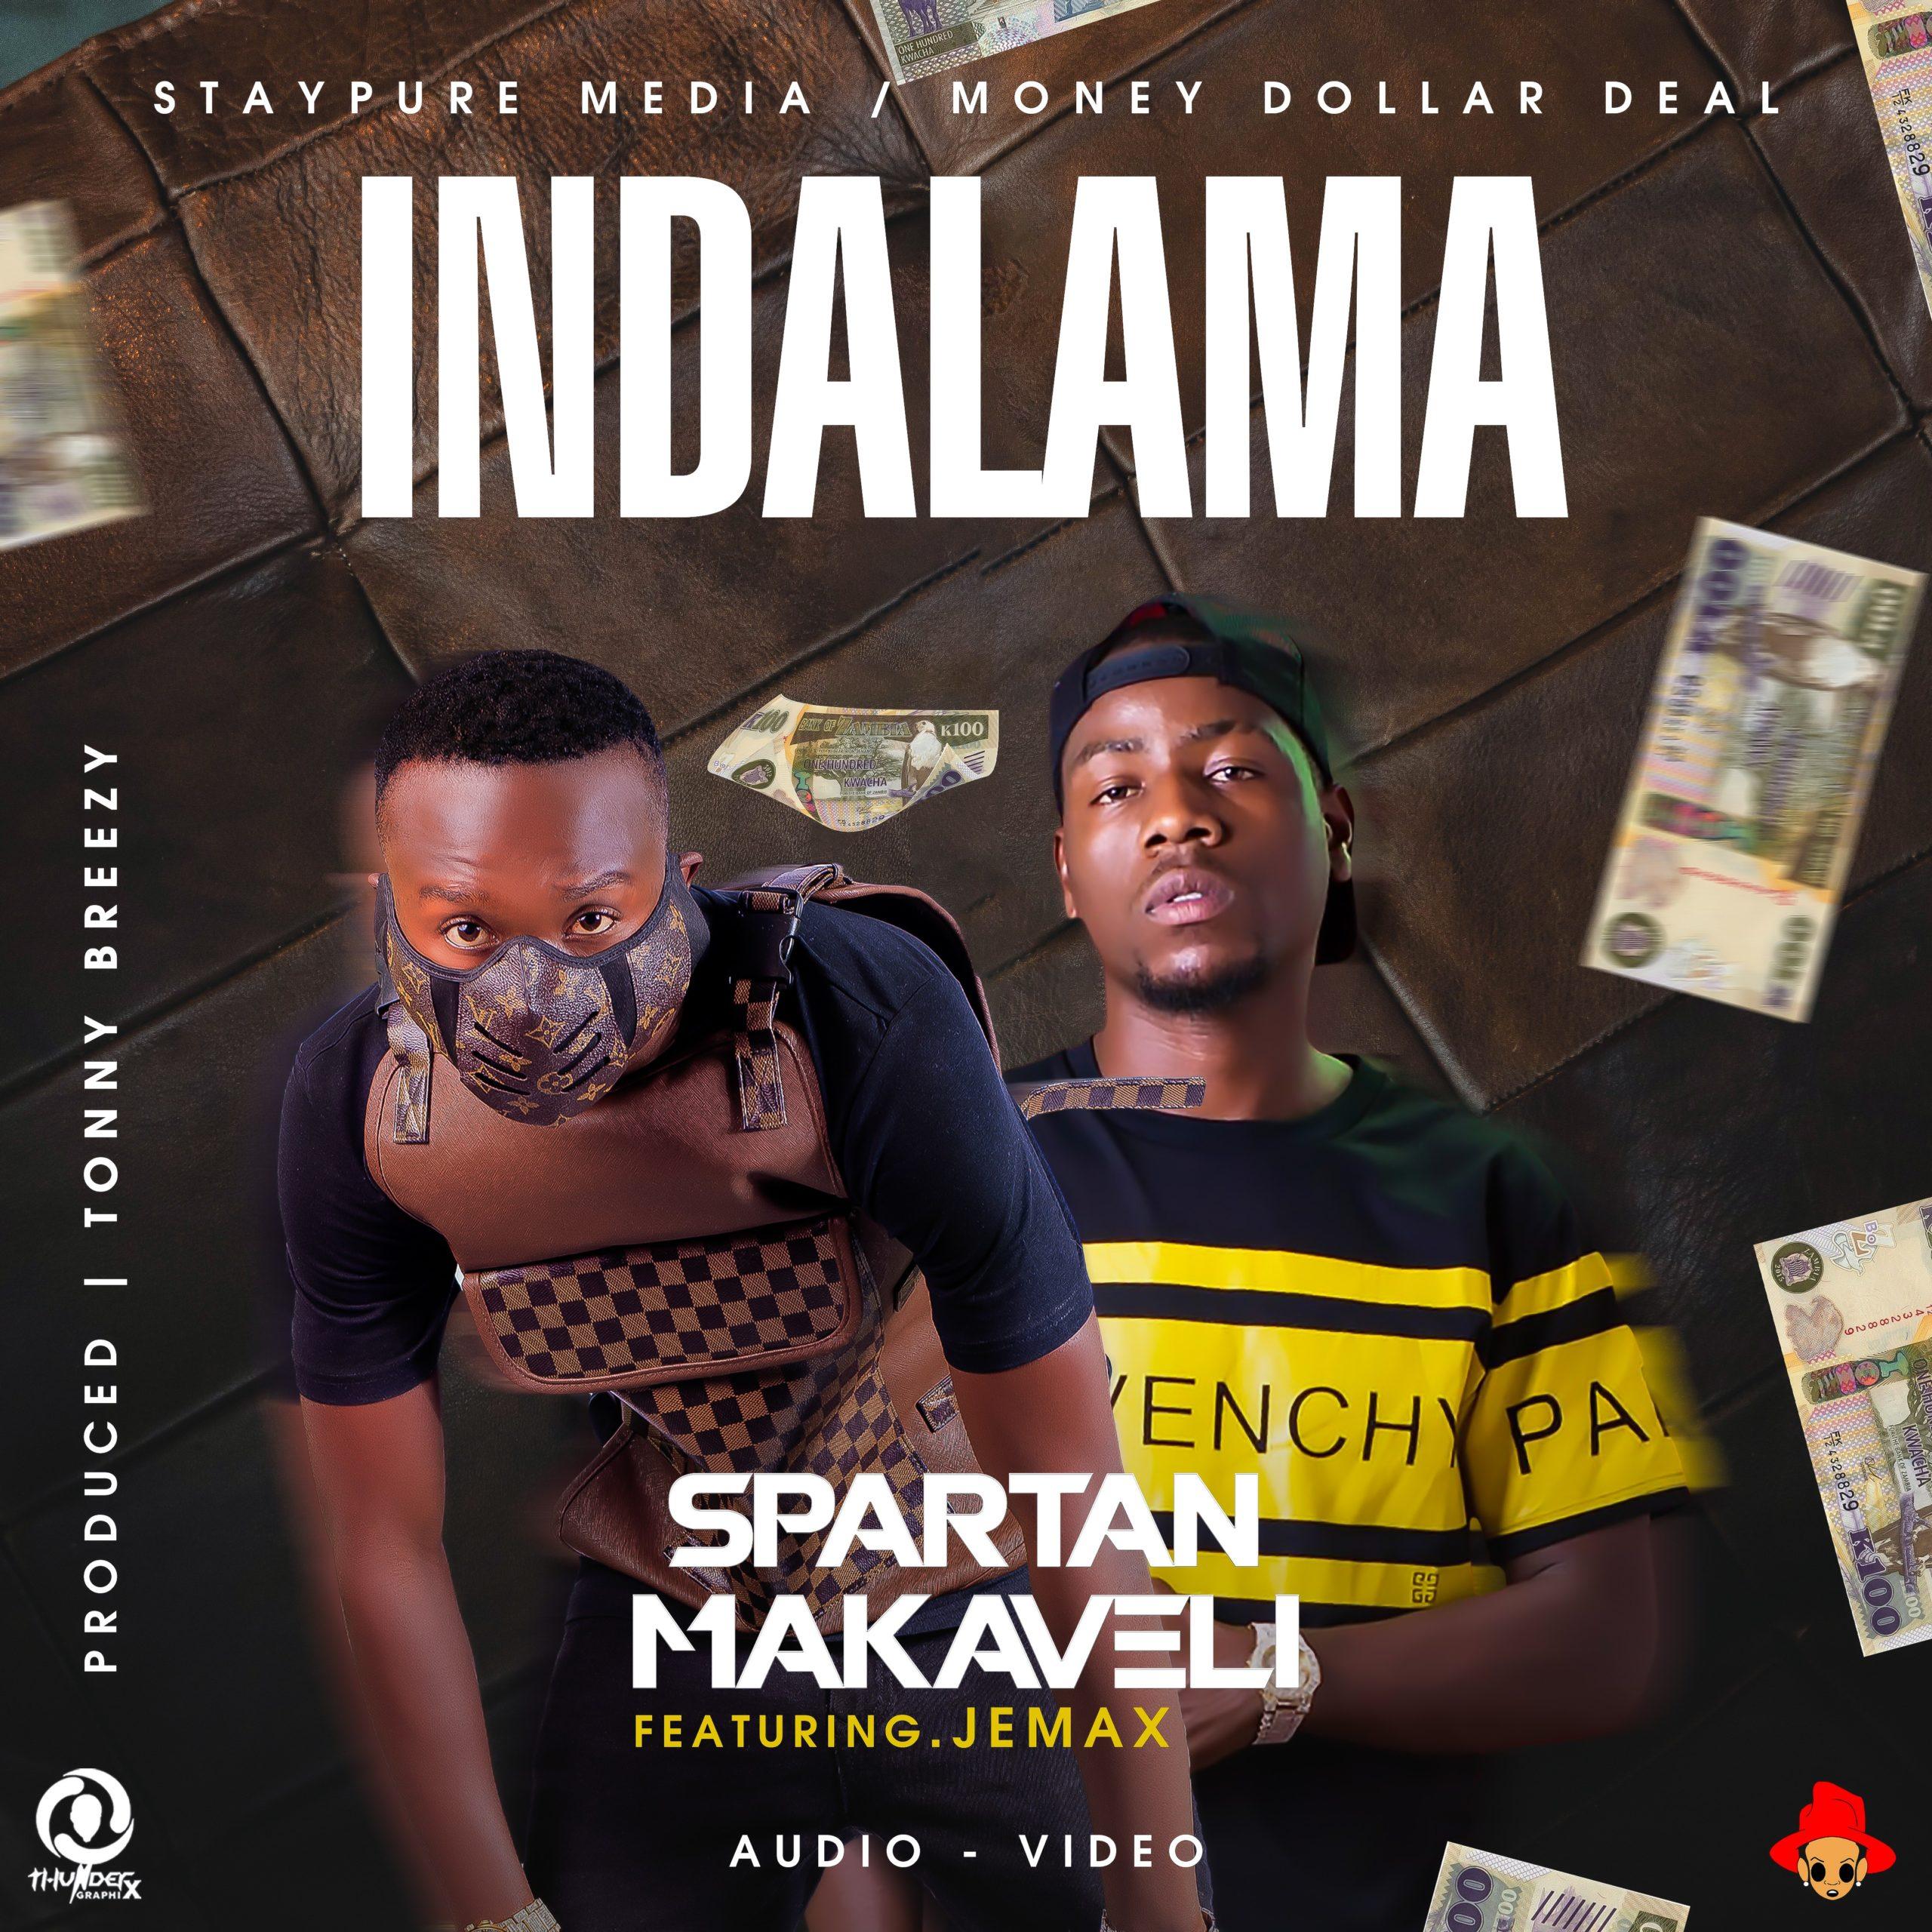 """Spartan Makaveli ft. Jemax – """"Indalama"""""""